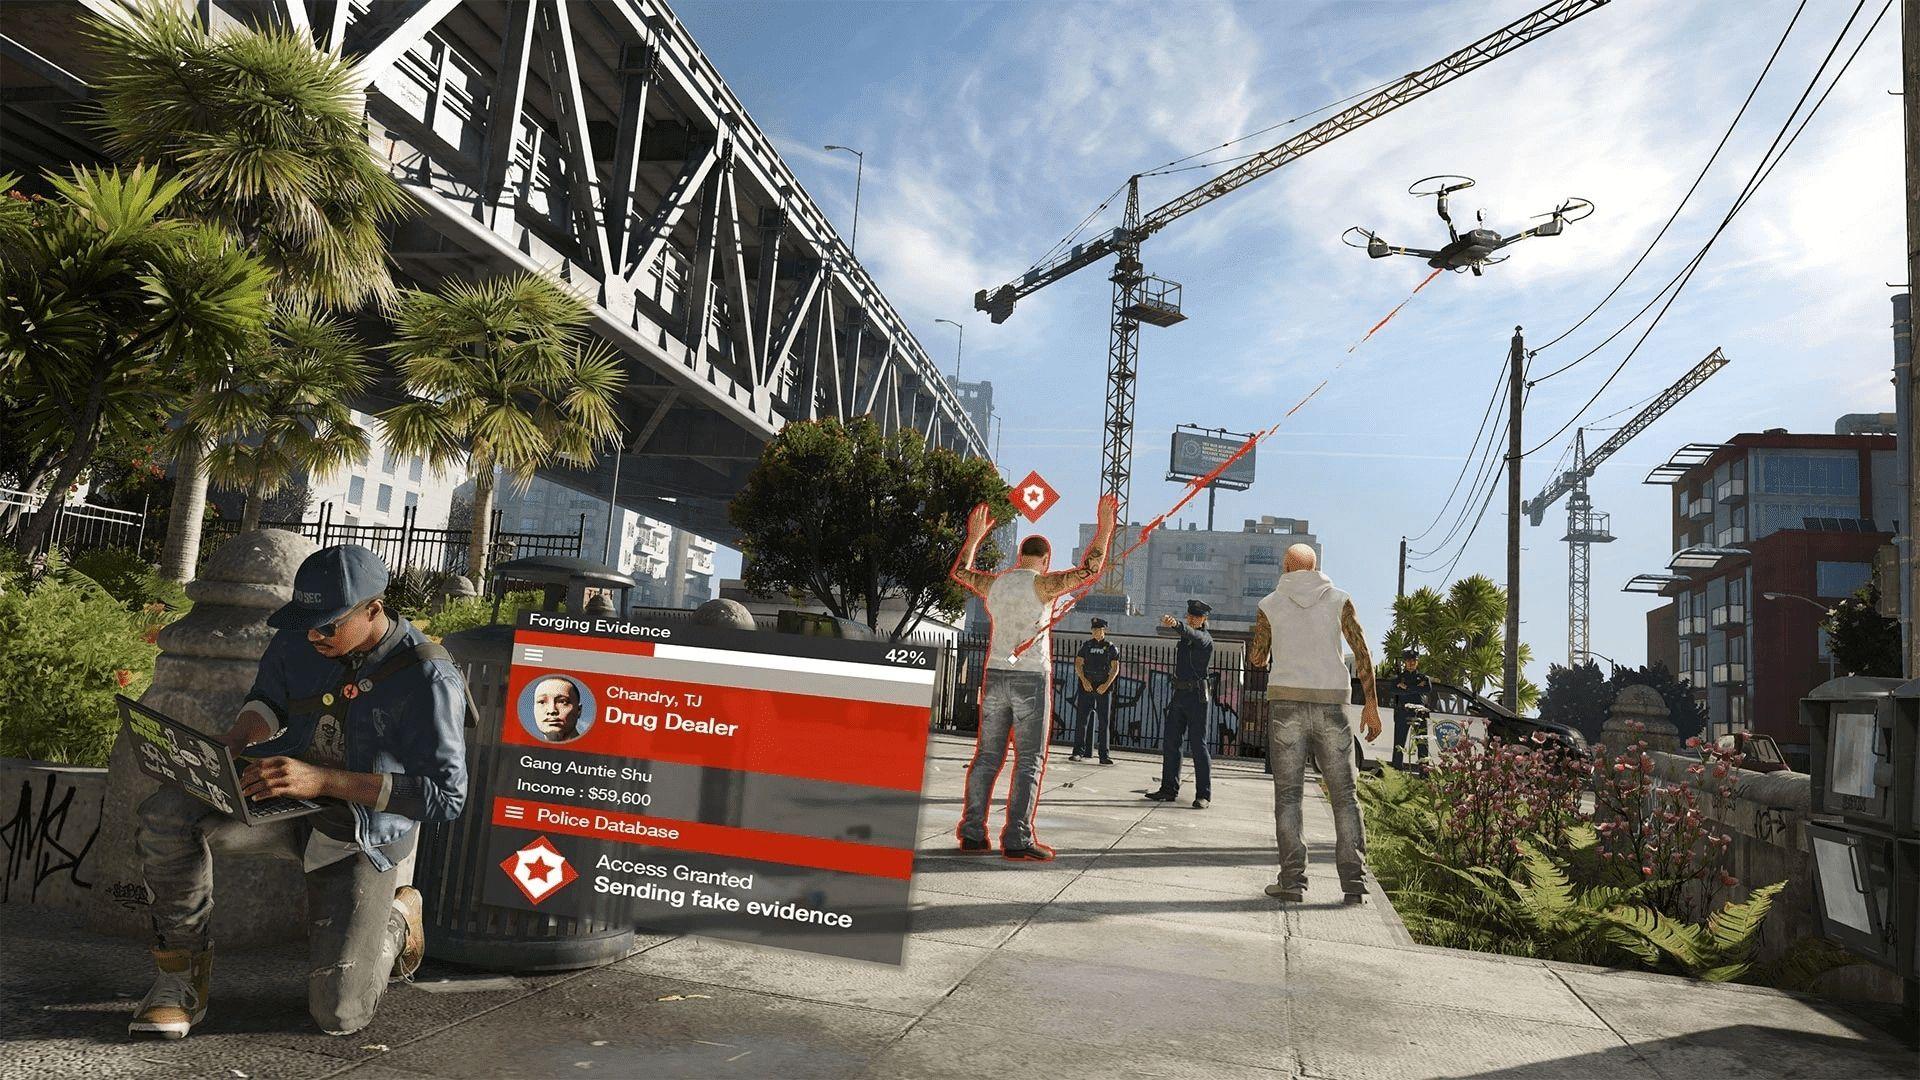 Em Watch Dogs 2, requisitos pedem por máquinas de nível intermediário para jogar com qualidade no mundo aberto (Foto: Divulgação/Ubisoft)